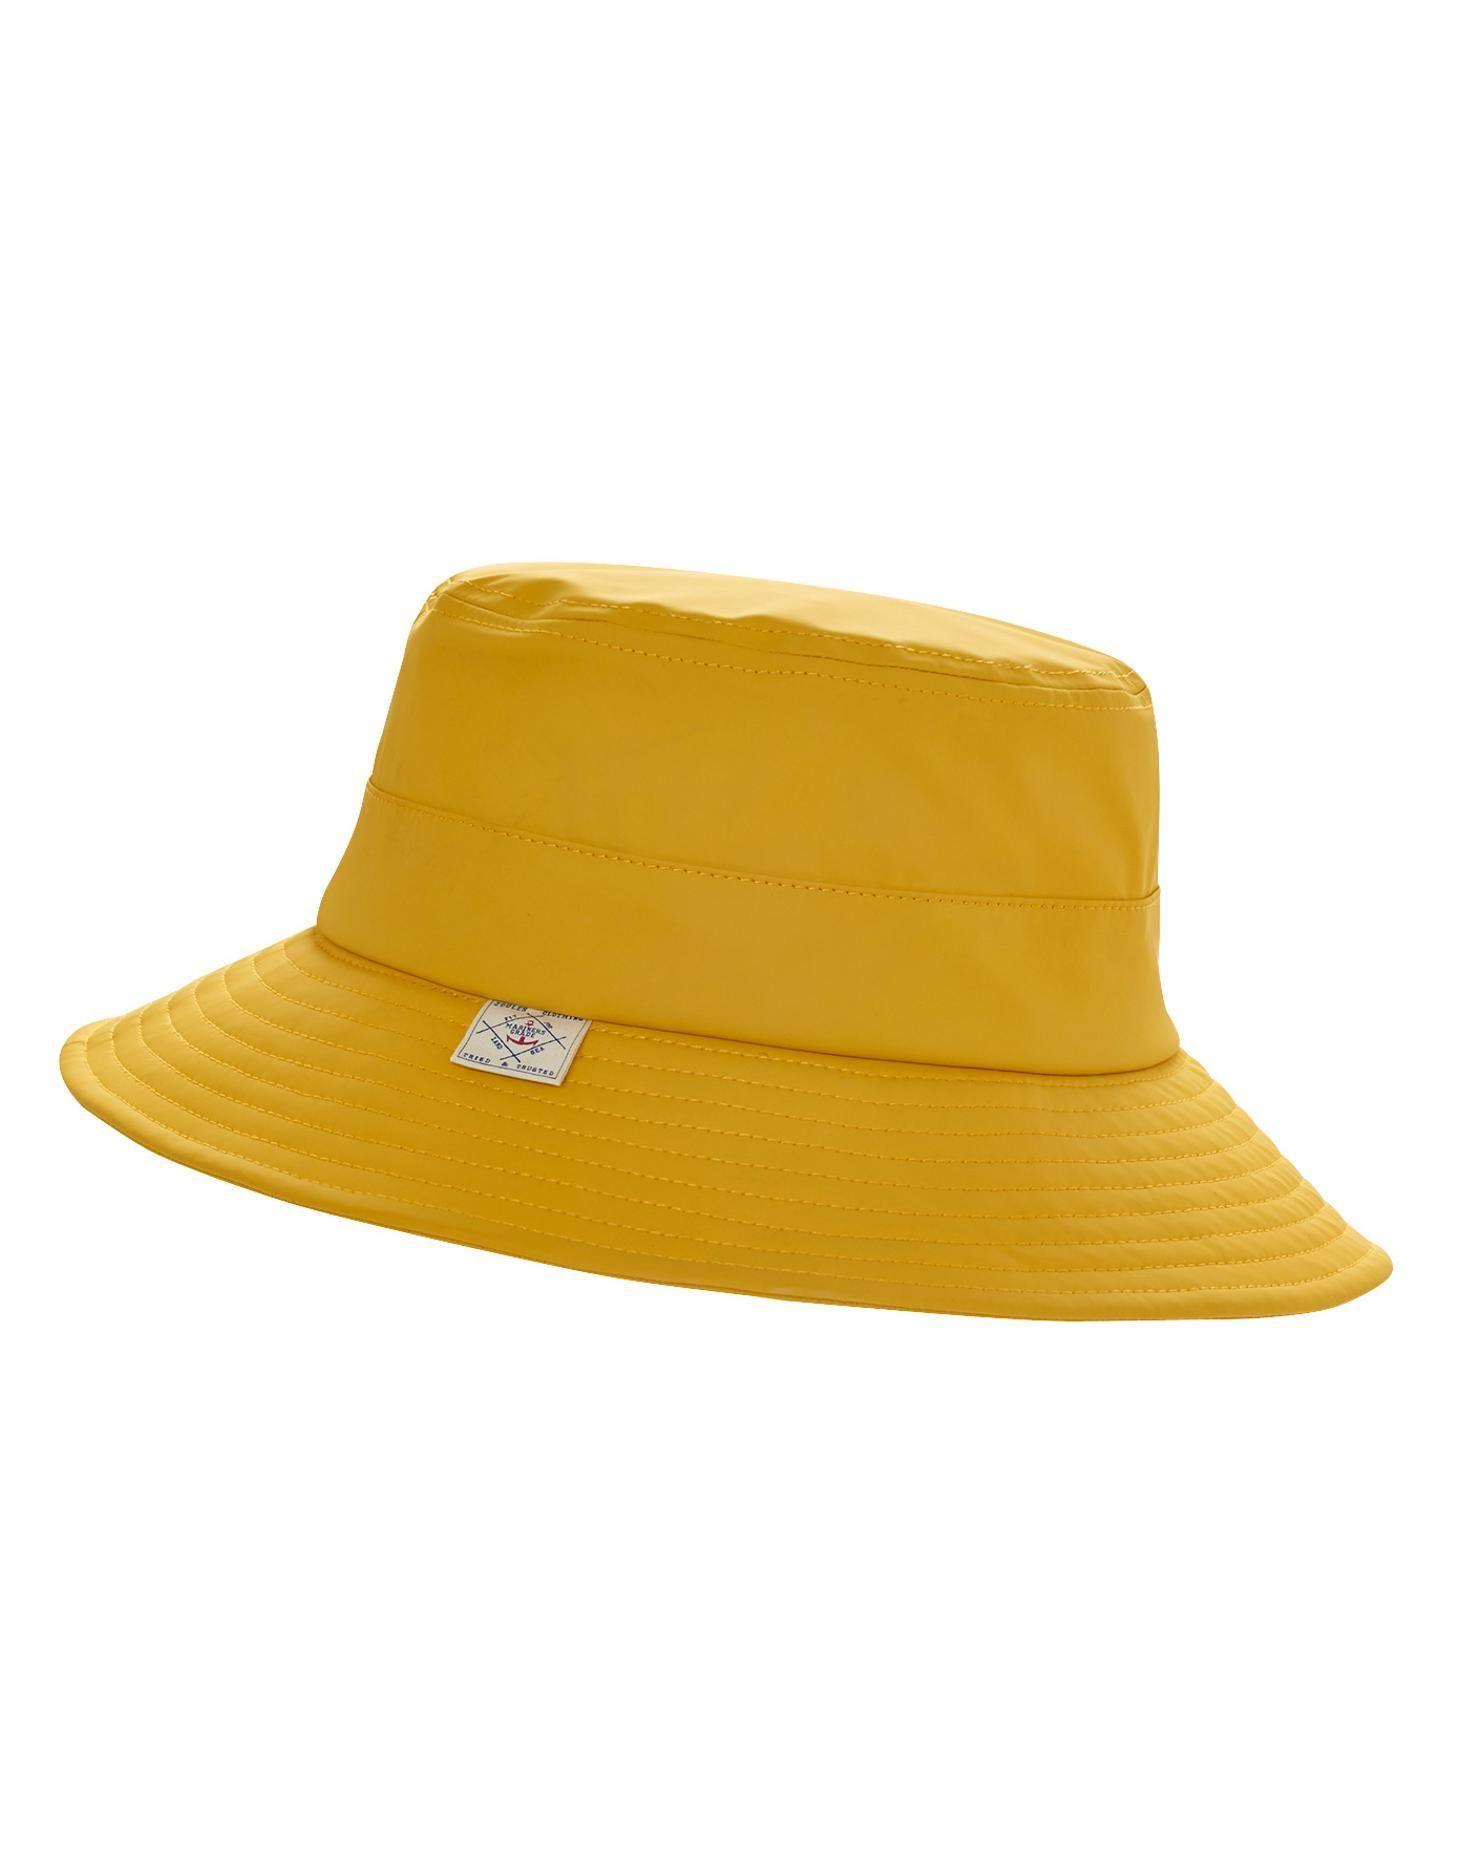 Cornfield Yellow Showers Womens Waterproof Hat  ef332adbfc5